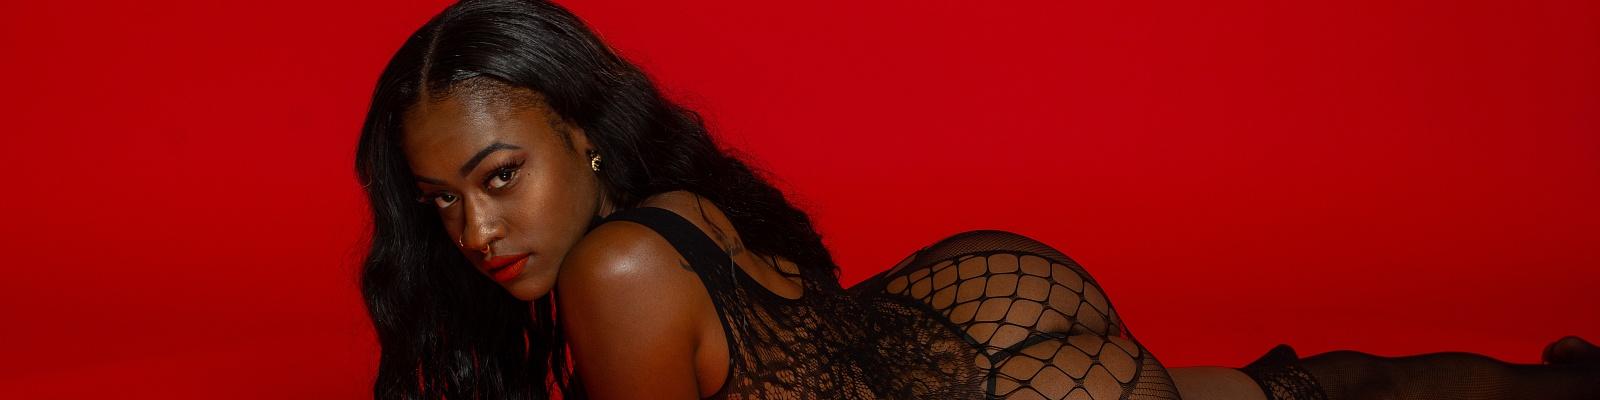 Desiree's Cover Photo